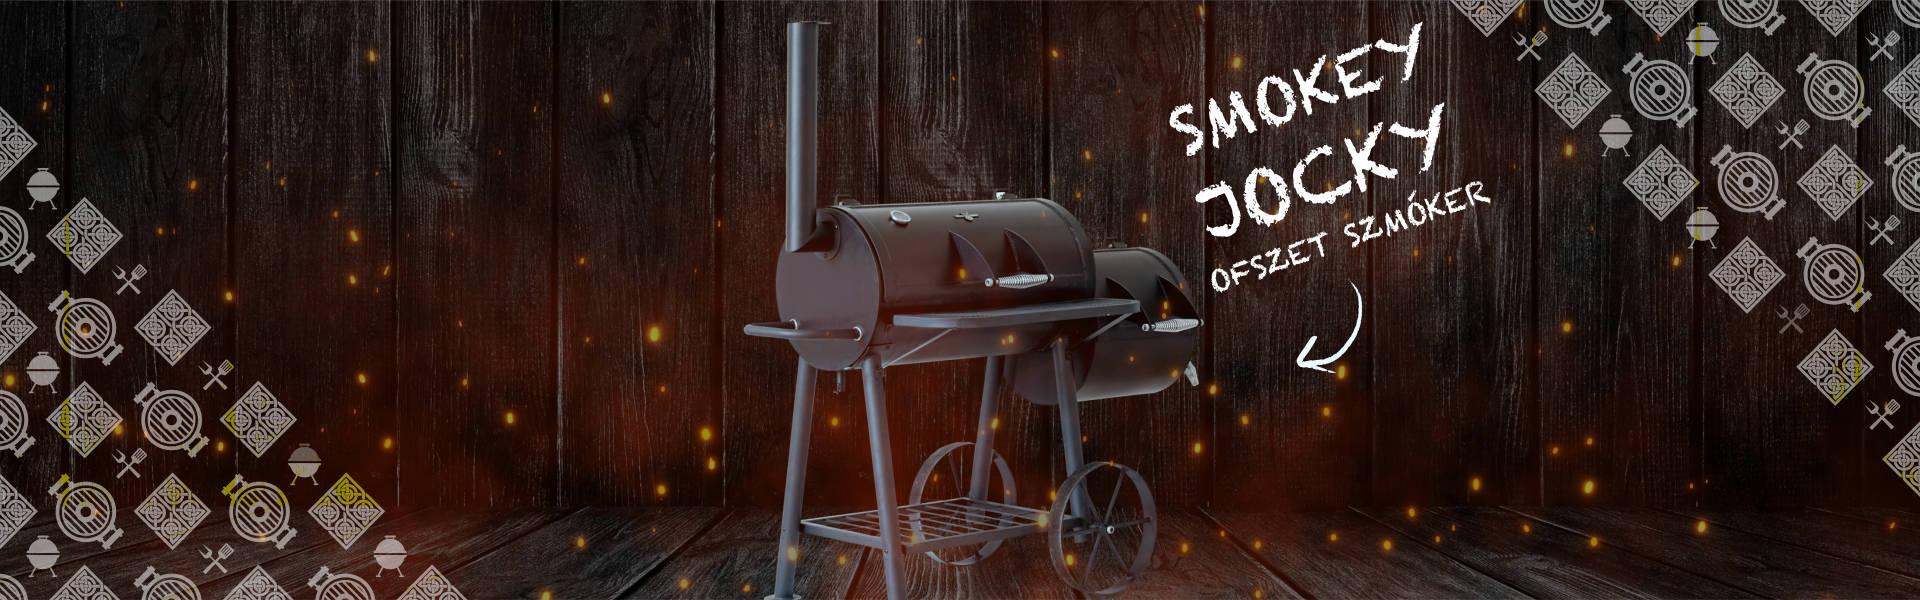 Smokey Jocky